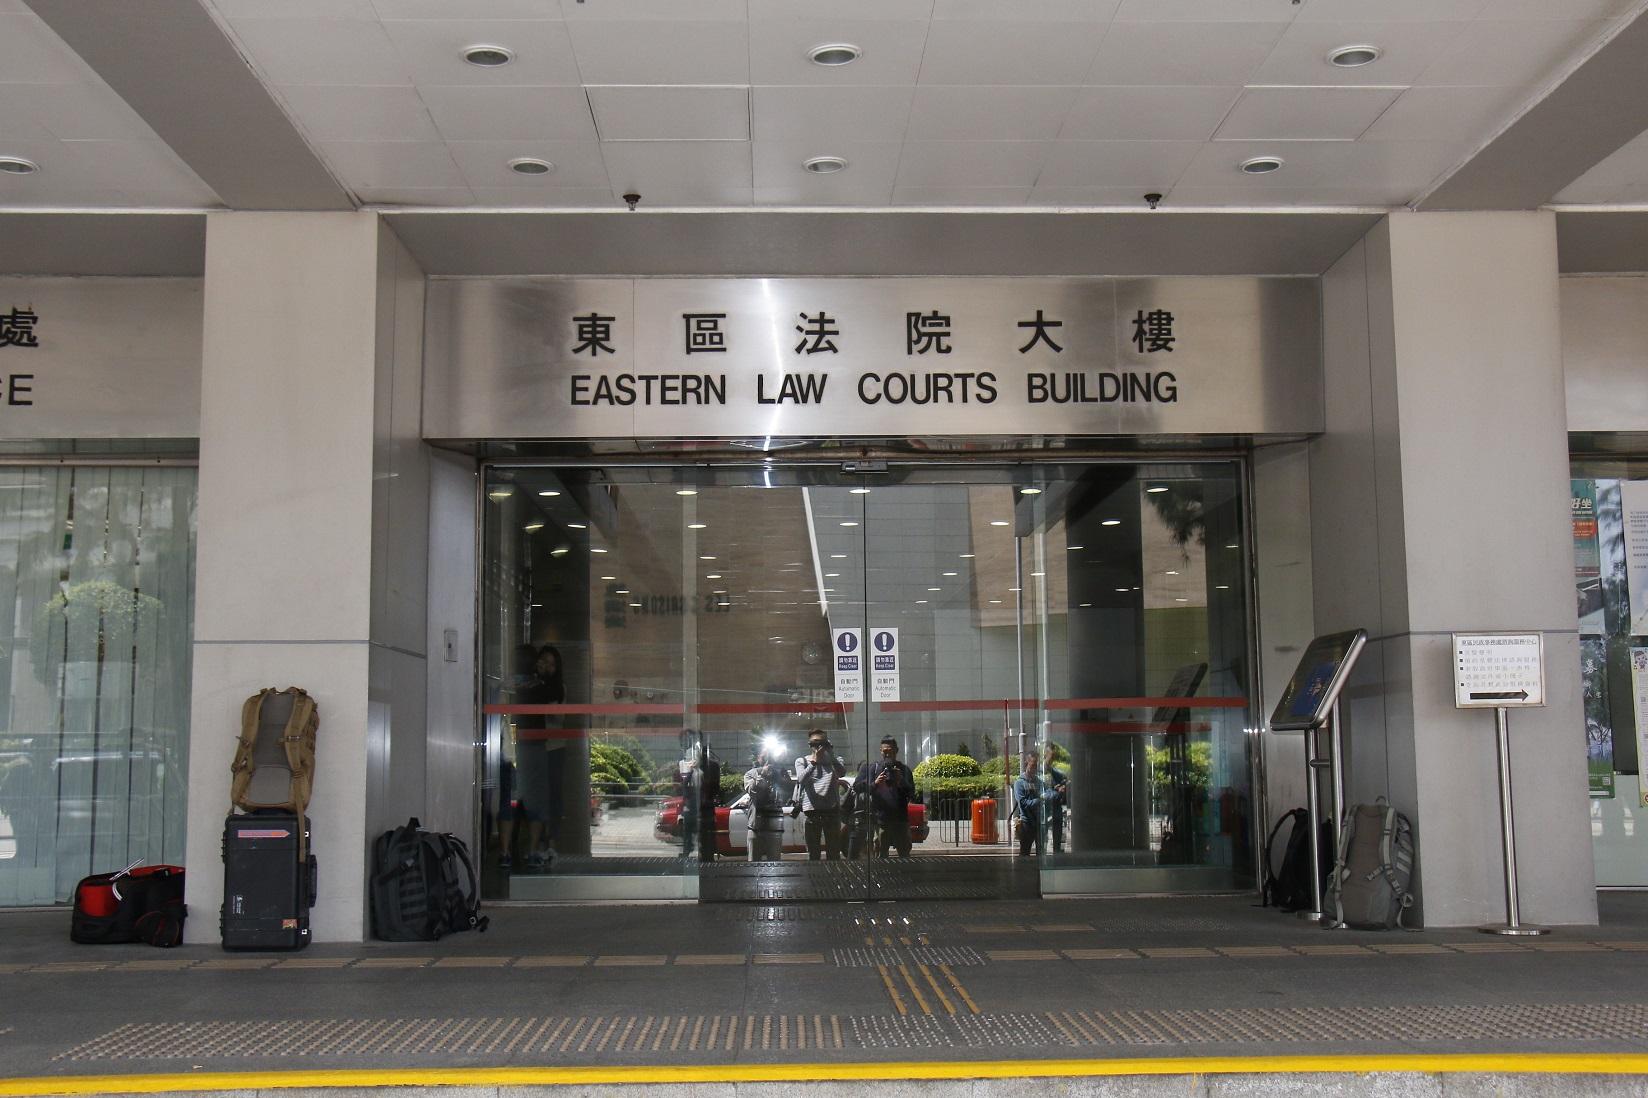 一名男子因襲擊食環署人員及妨礙公職人員執行職務,今日在東區裁判法院被判處120小時社會服務令。資料圖片